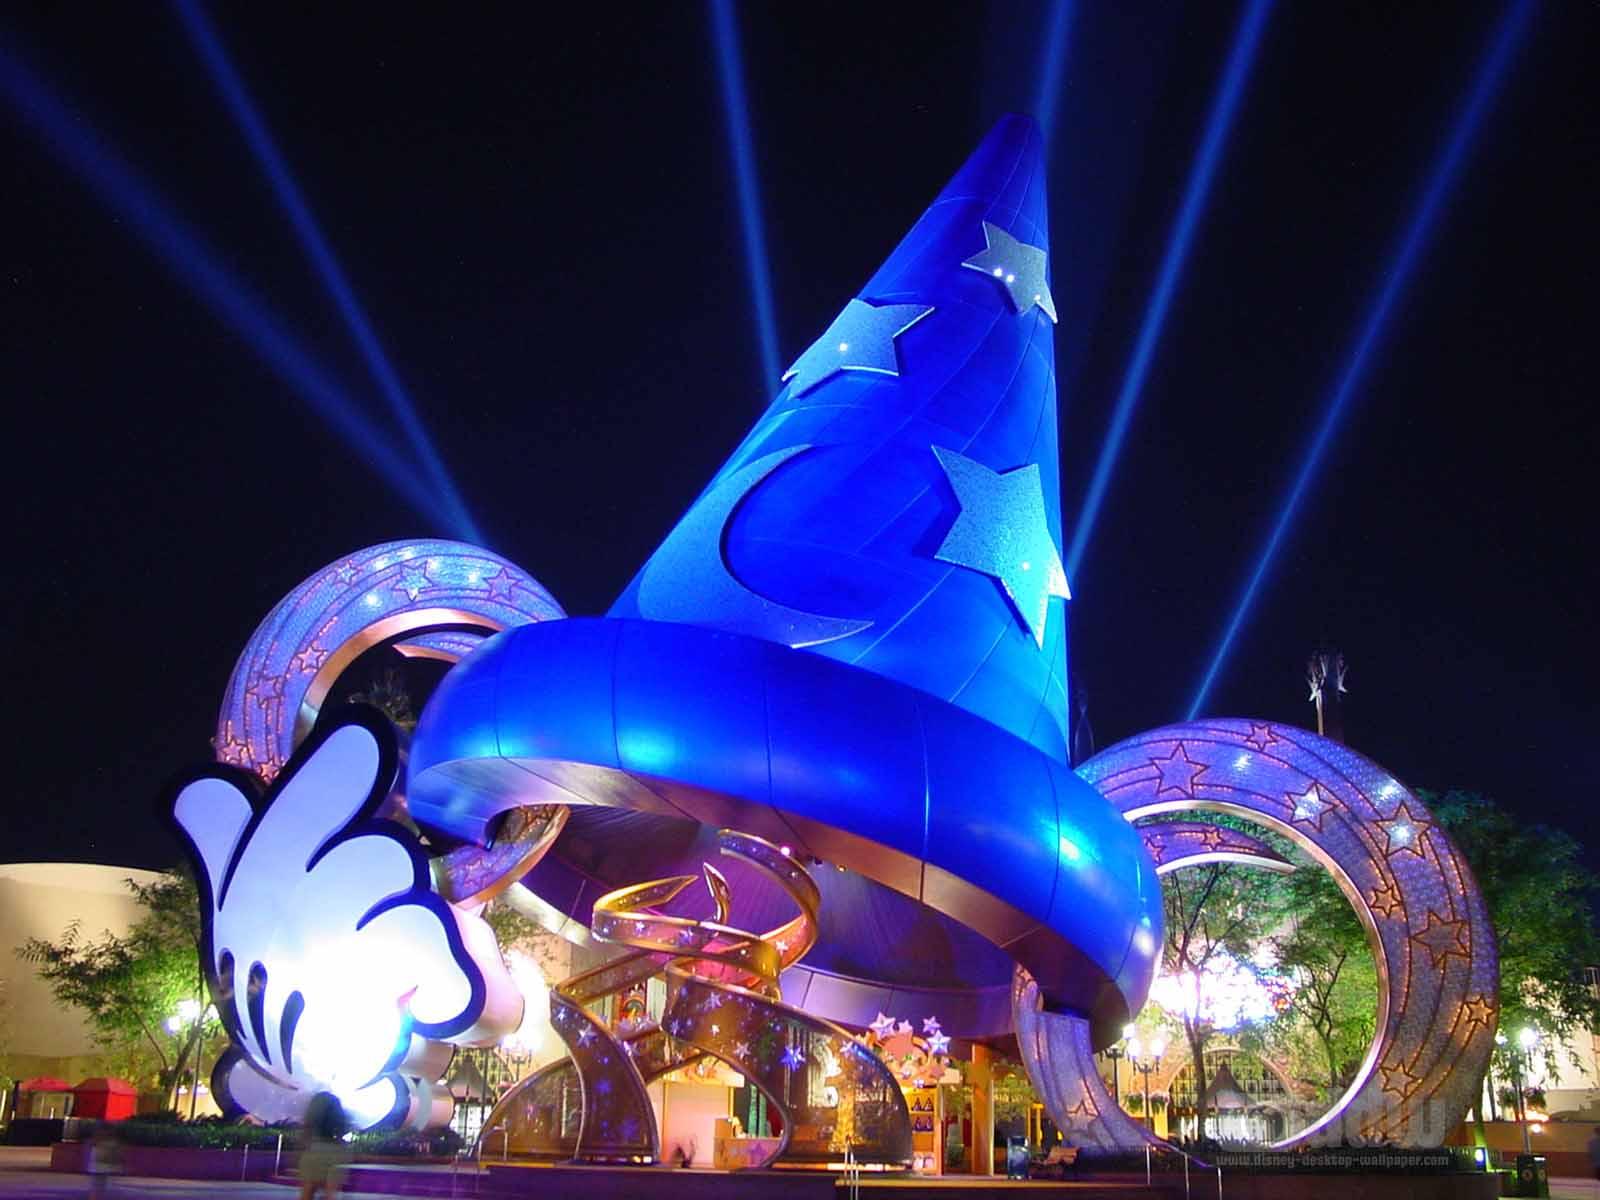 High Resolution Disney World 1600x1200 Download Hd Wallpaper Wallpapertip